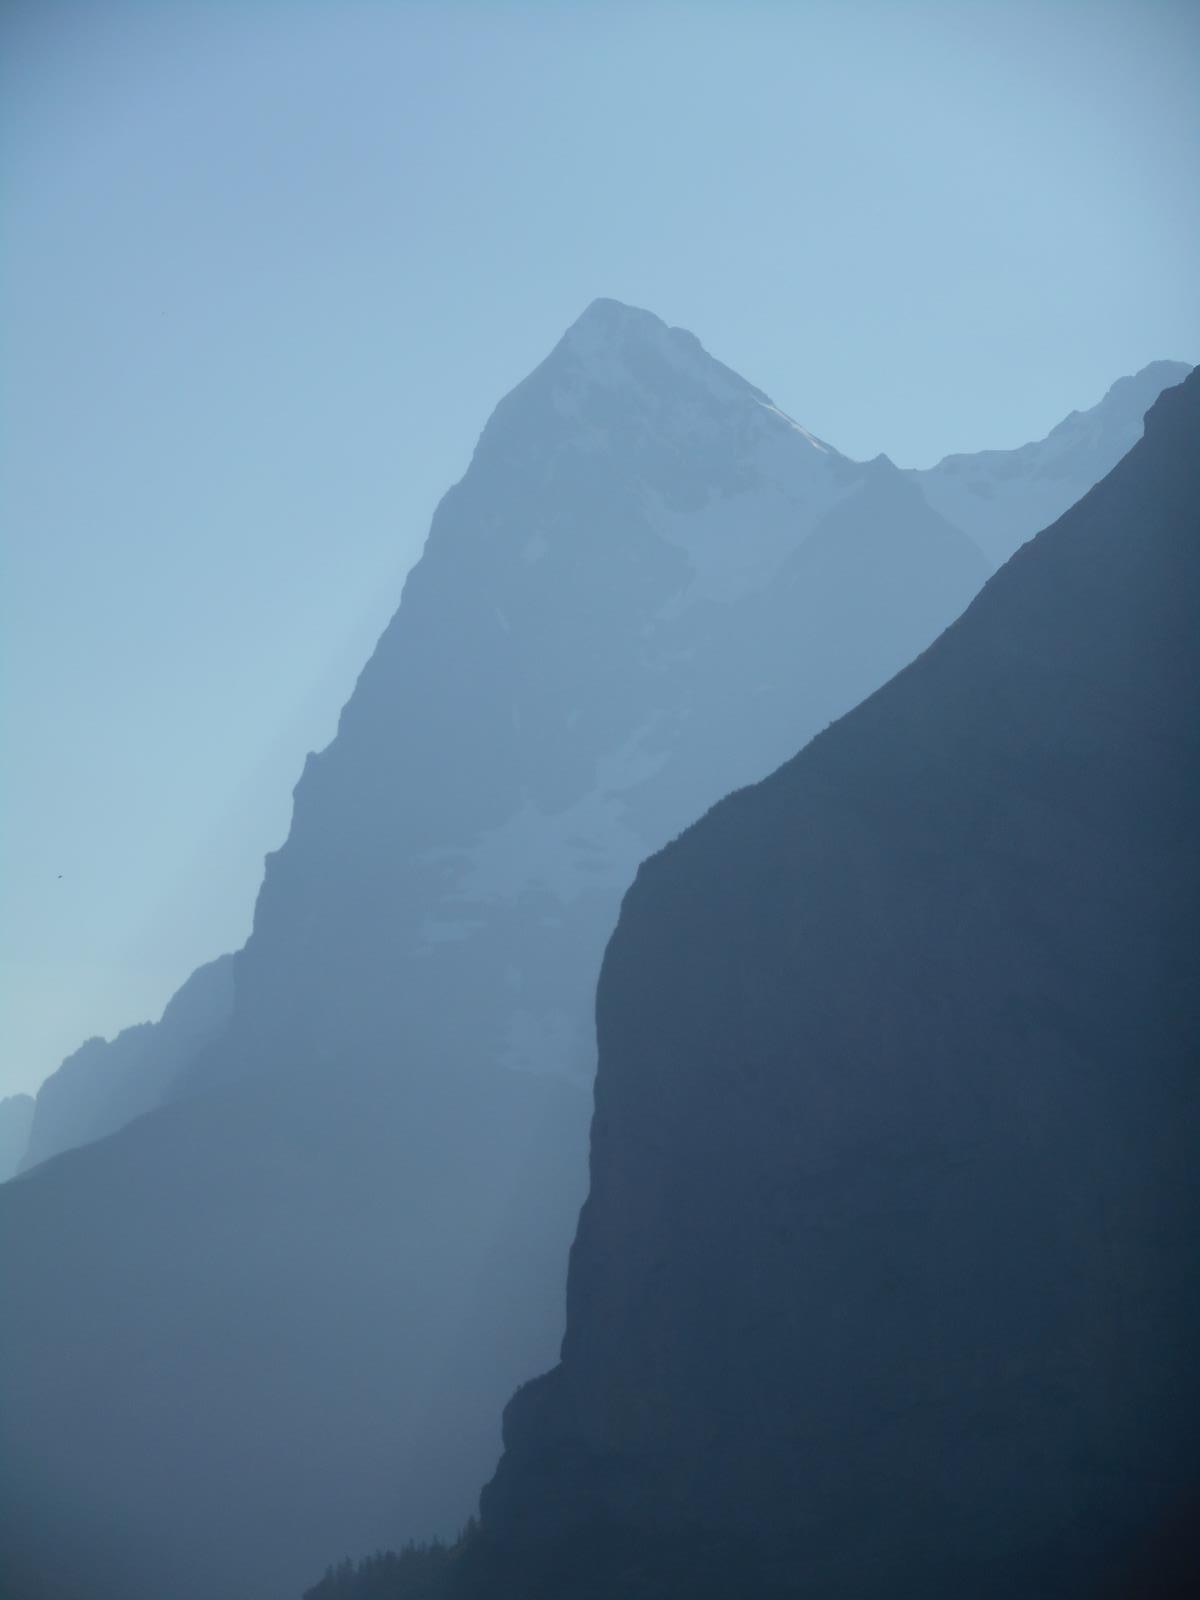 La paroi mythique de la face nord de l'Eiger